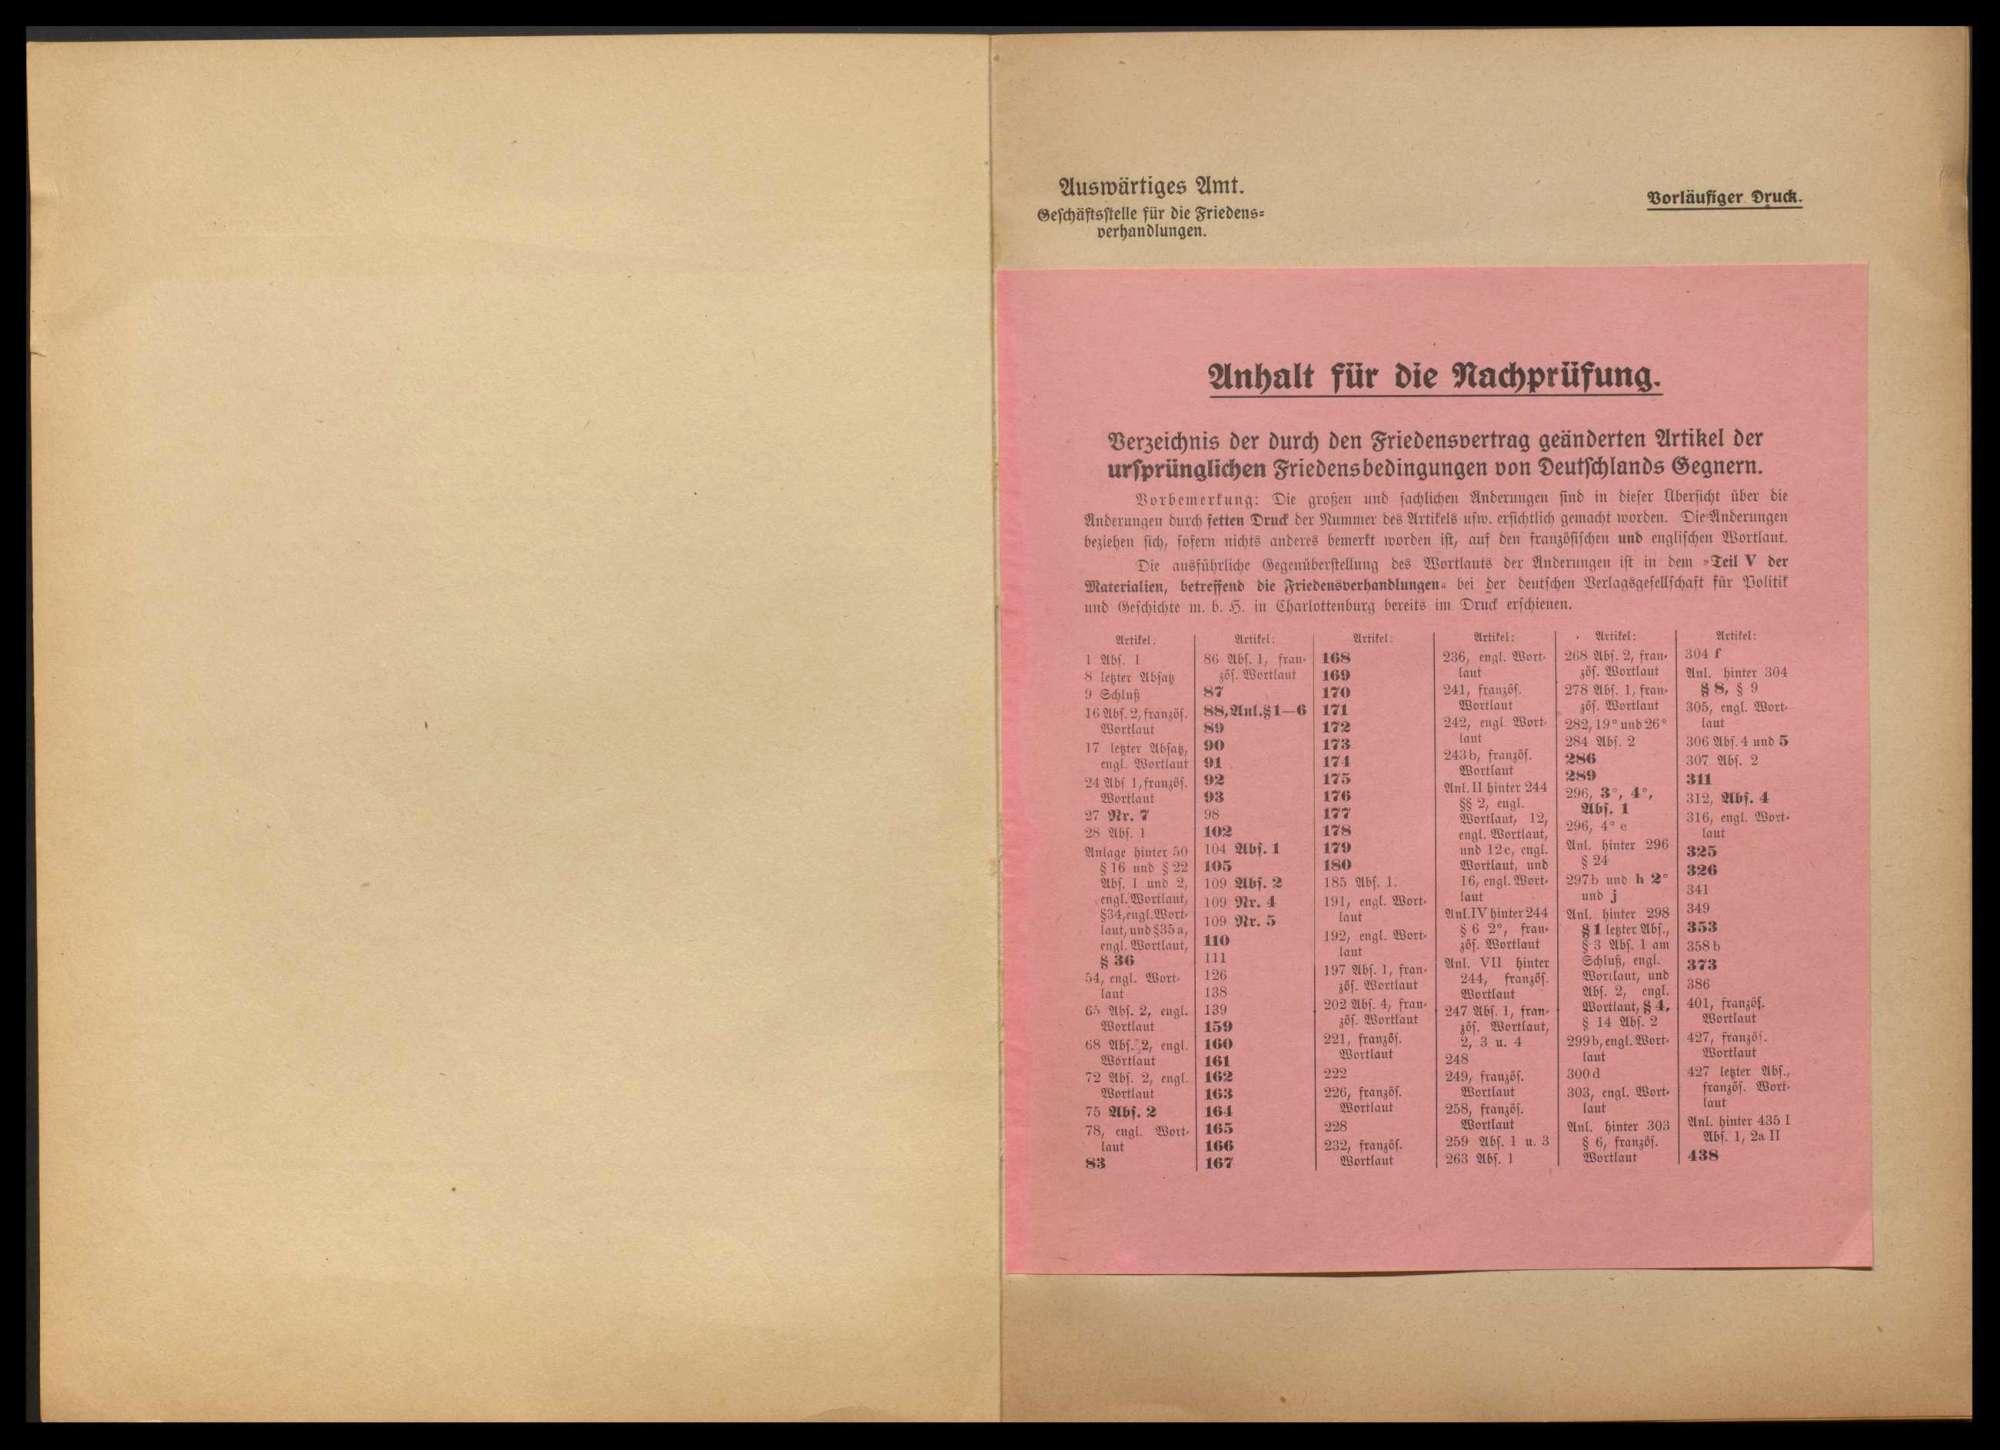 Materialien betr. die Friedensverhandlungen, Teil I - V, und Sachverzeichnis zum Friedensvertrag, Bild 2